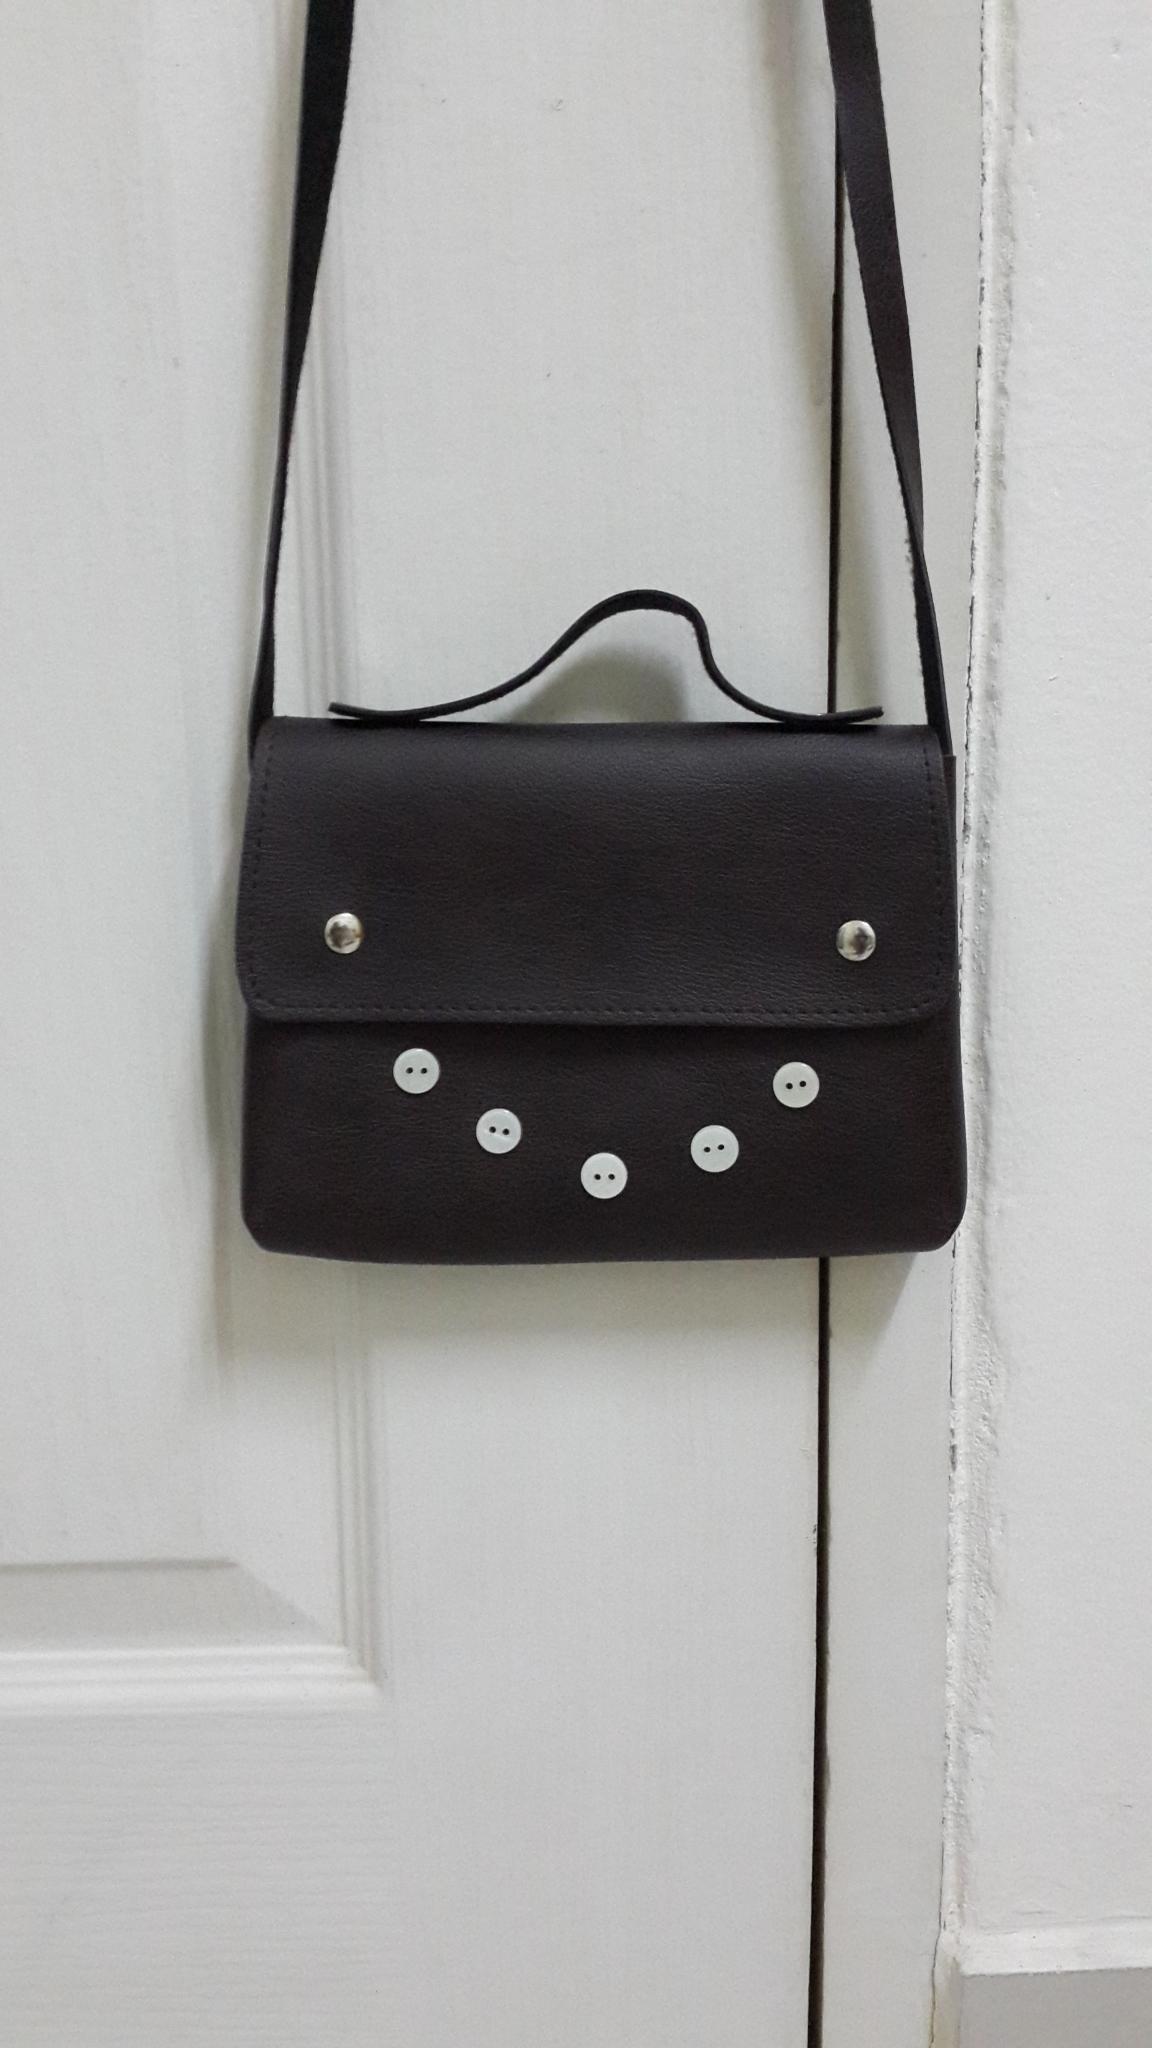 กระเป๋าสะพายข้าง สายยาว สีน้ำตาลเข้ม แต่งกระดุม ใบเล็ก